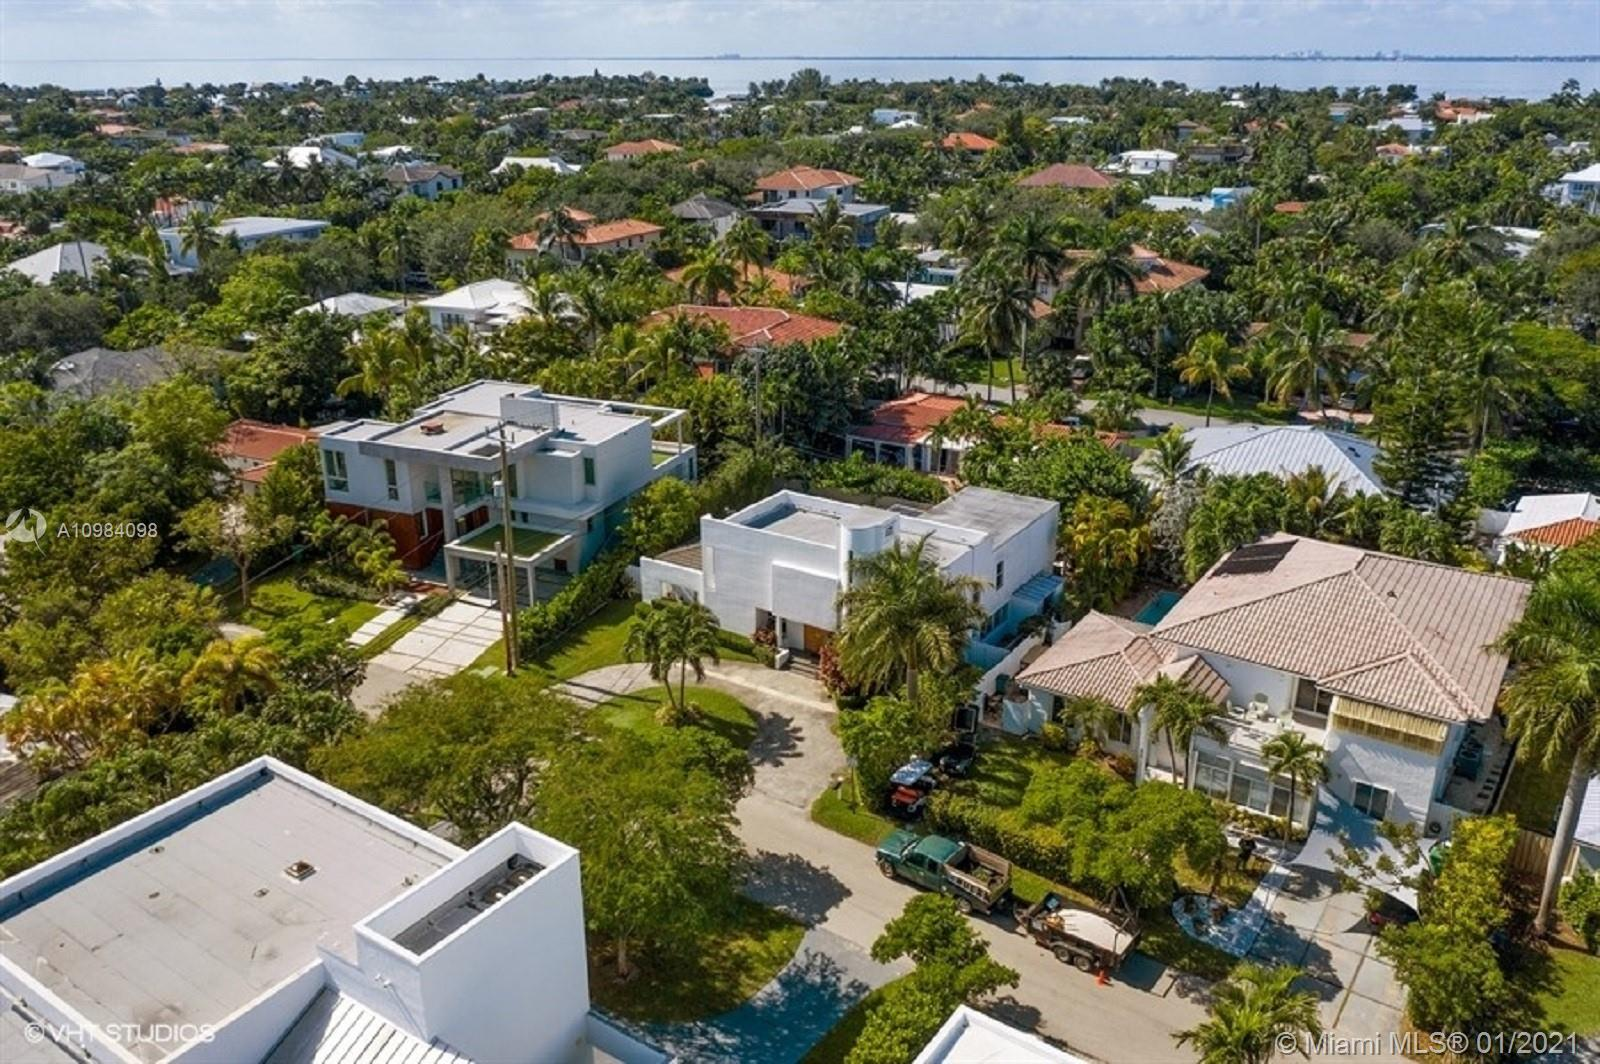 Tropical Isle Homes # photo35